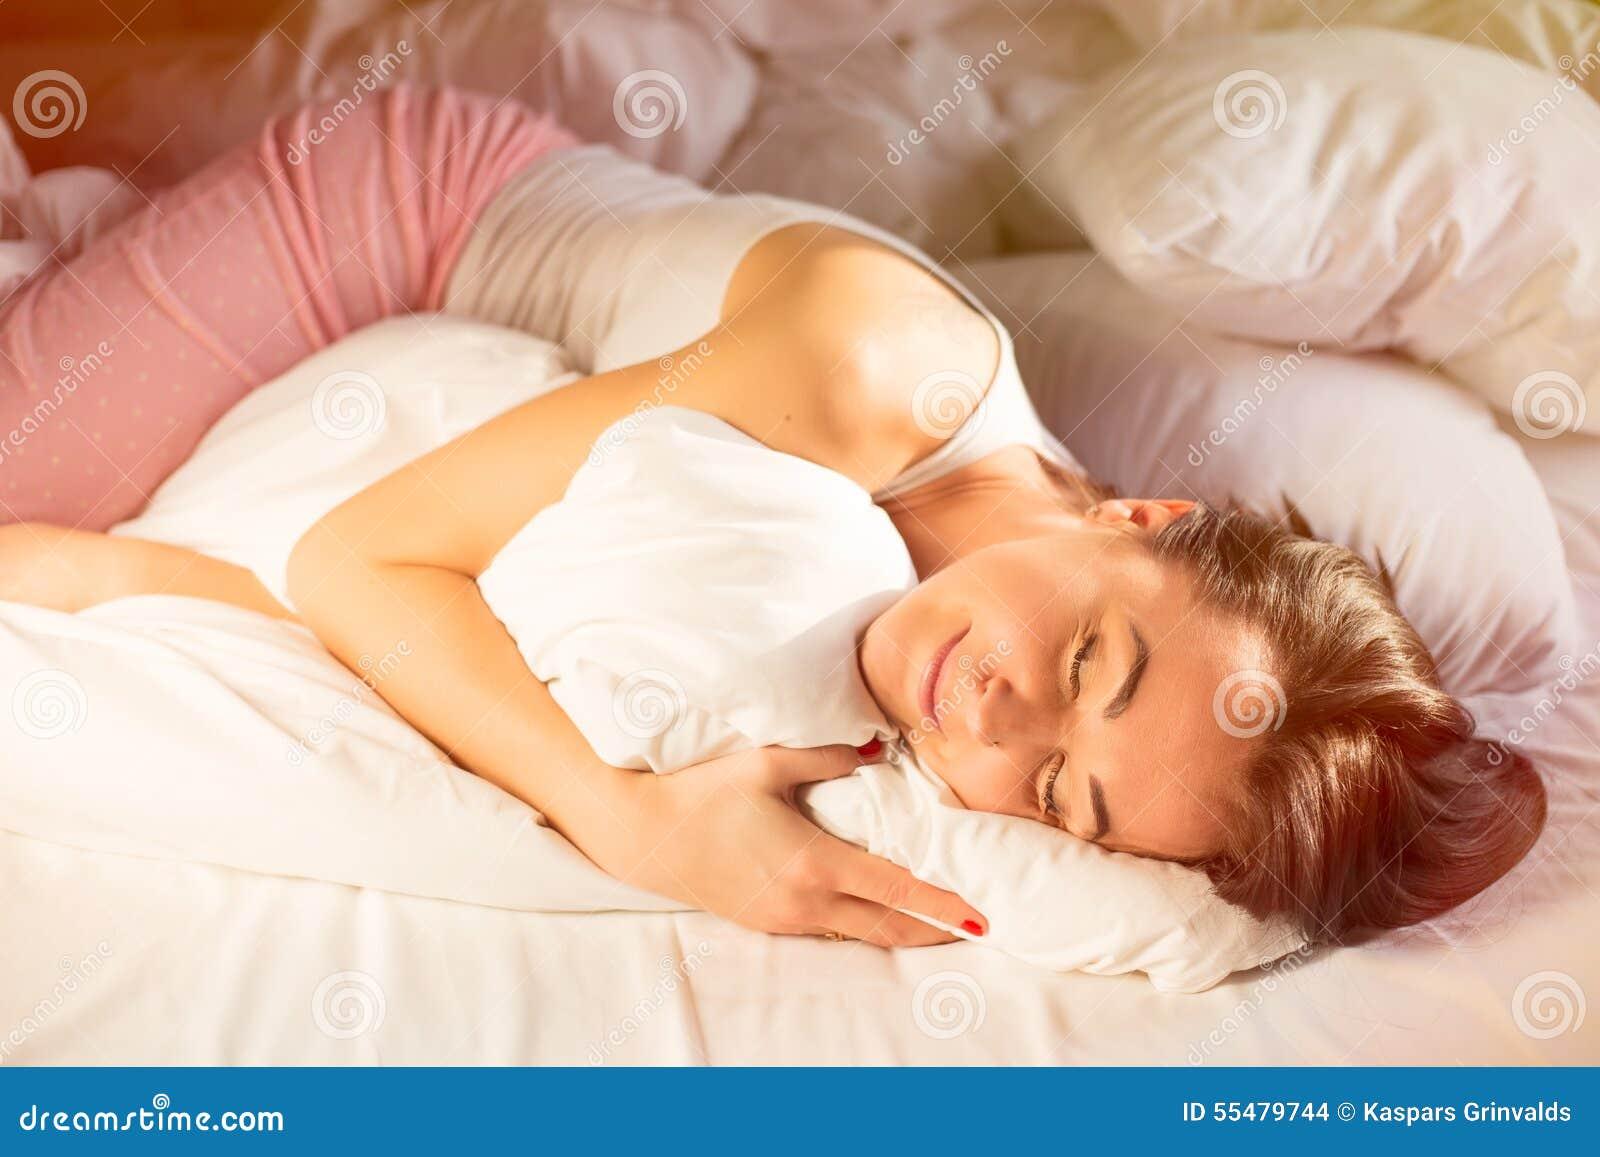 300ff7a146 Donna Felice In Pigiama Che Dorme A Letto Fotografia Stock ...